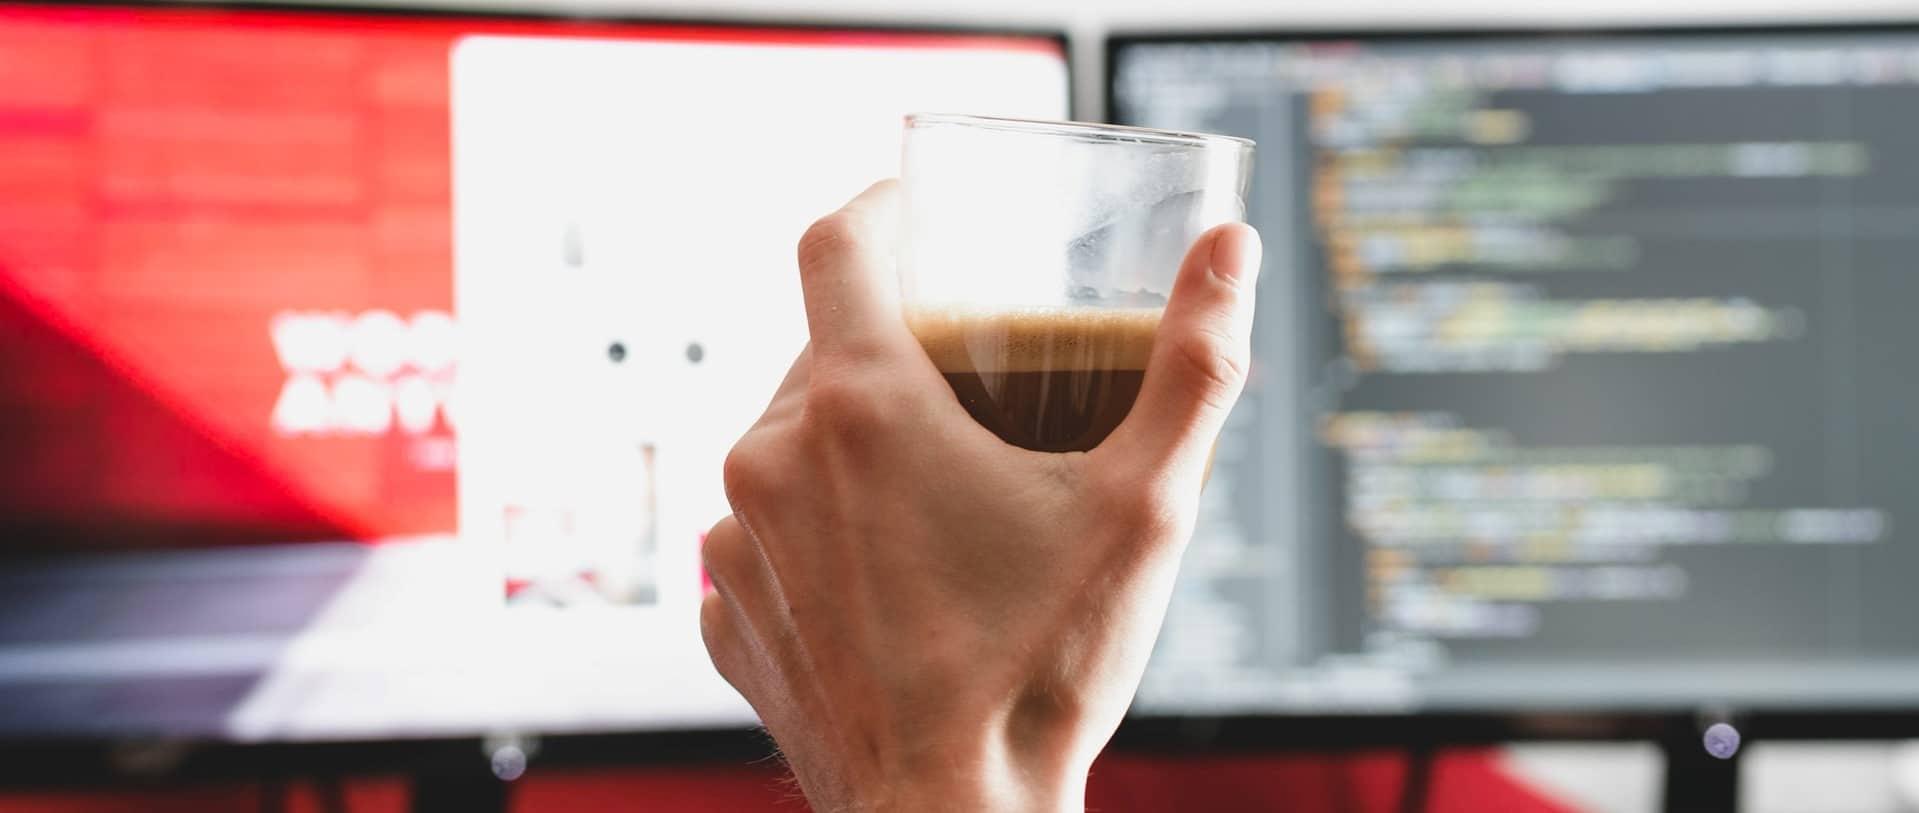 Vorteile der Nutzung von mehreren Monitoren am Arbeitsplatz & Home Office